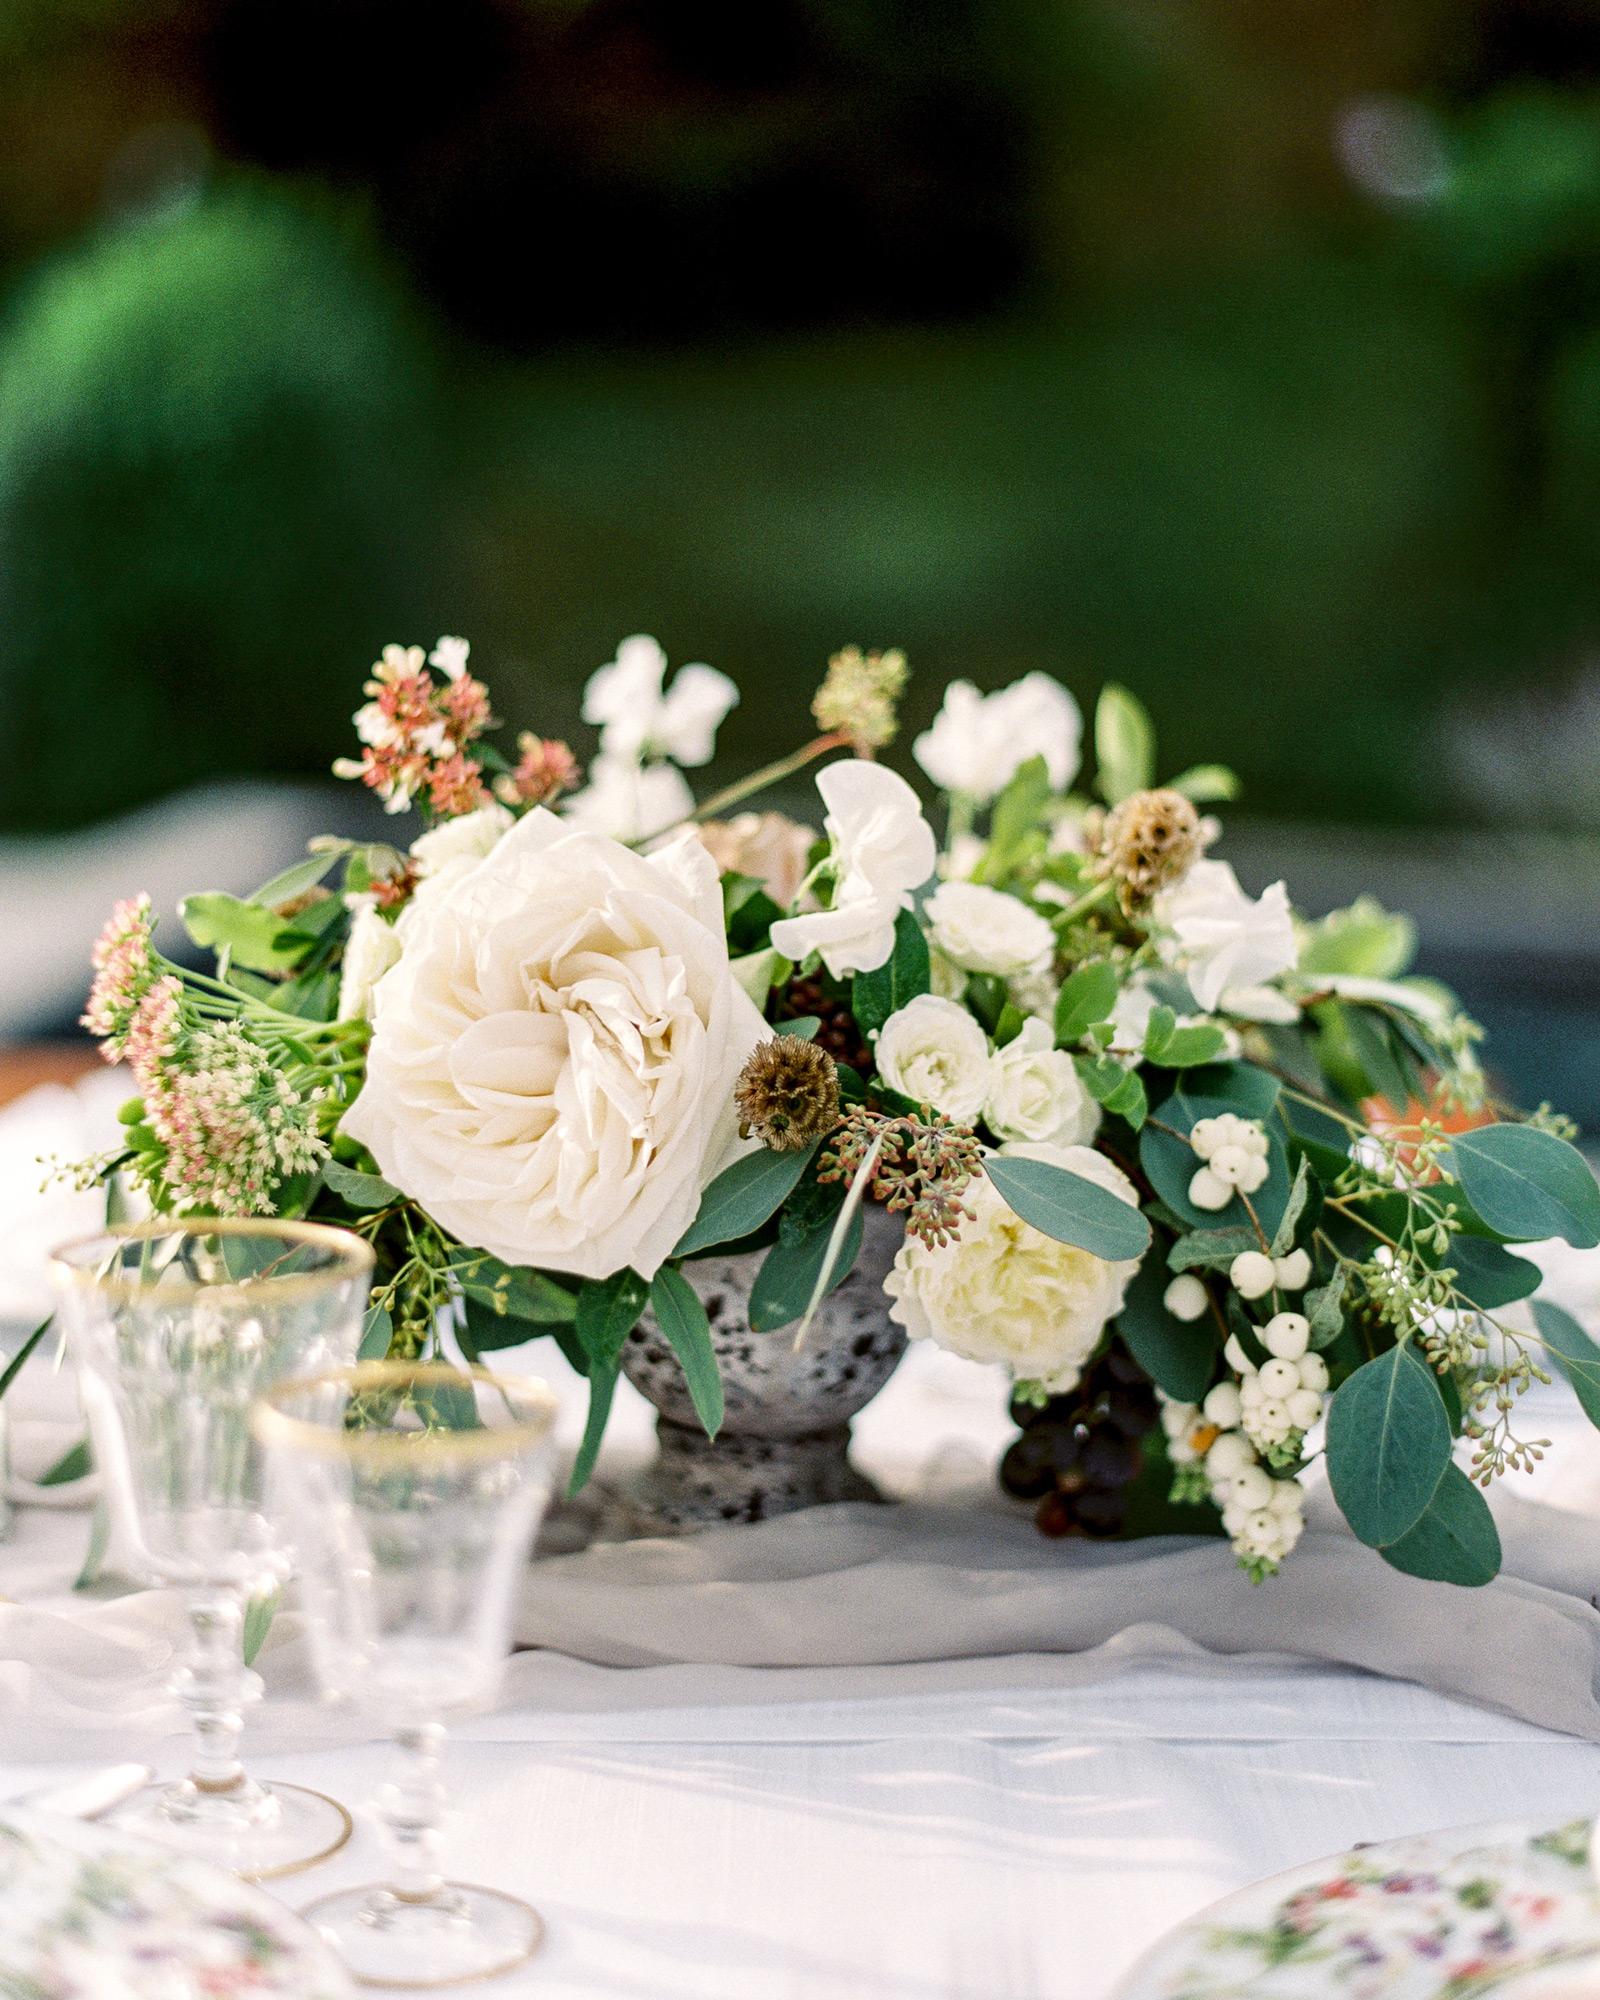 christine-dagan-wedding-centerpiece-4280_14-s113011-0616.jpg